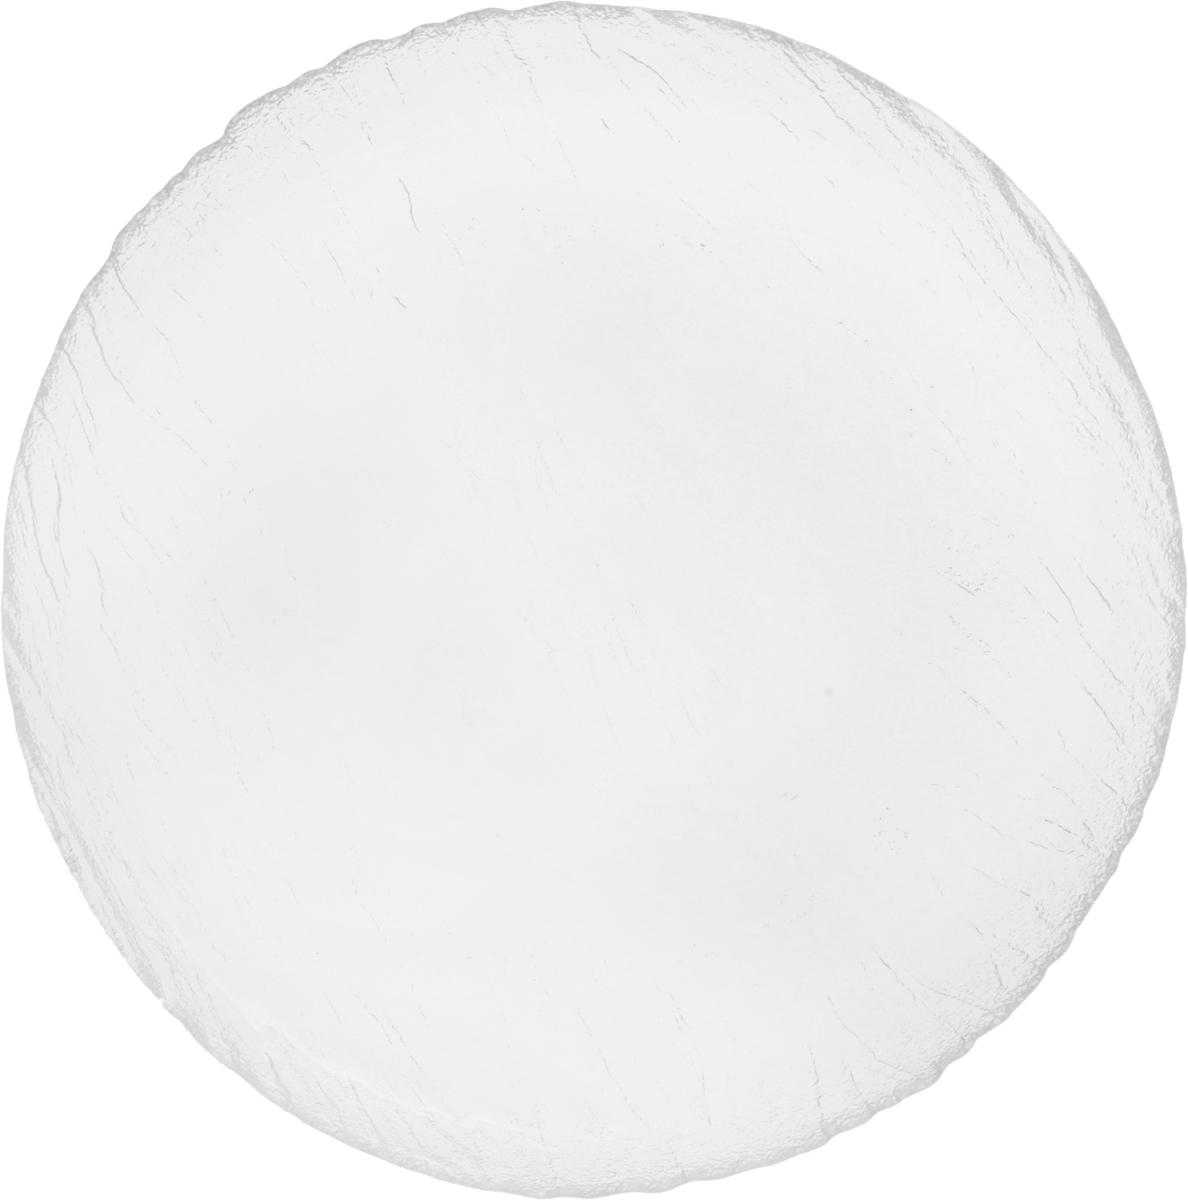 Тарелка обеденная OSZ Вулкан, цвет: прозрачный, диаметр 25 см16C1903Обеденная тарелка OSZ Вулкан изготовлена из высококачественного стекла. Изделие имеет рельефную наружную поверхность. Тарелка прекрасновпишется в интерьер вашей кухни и станет достойным дополнением к кухонному инвентарю. Тарелка OSZ Вулкан подчеркнет прекрасный вкус хозяйки и станет отличным подарком. Можно мыть в посудомоечной машине и использовать в микроволновой печи.